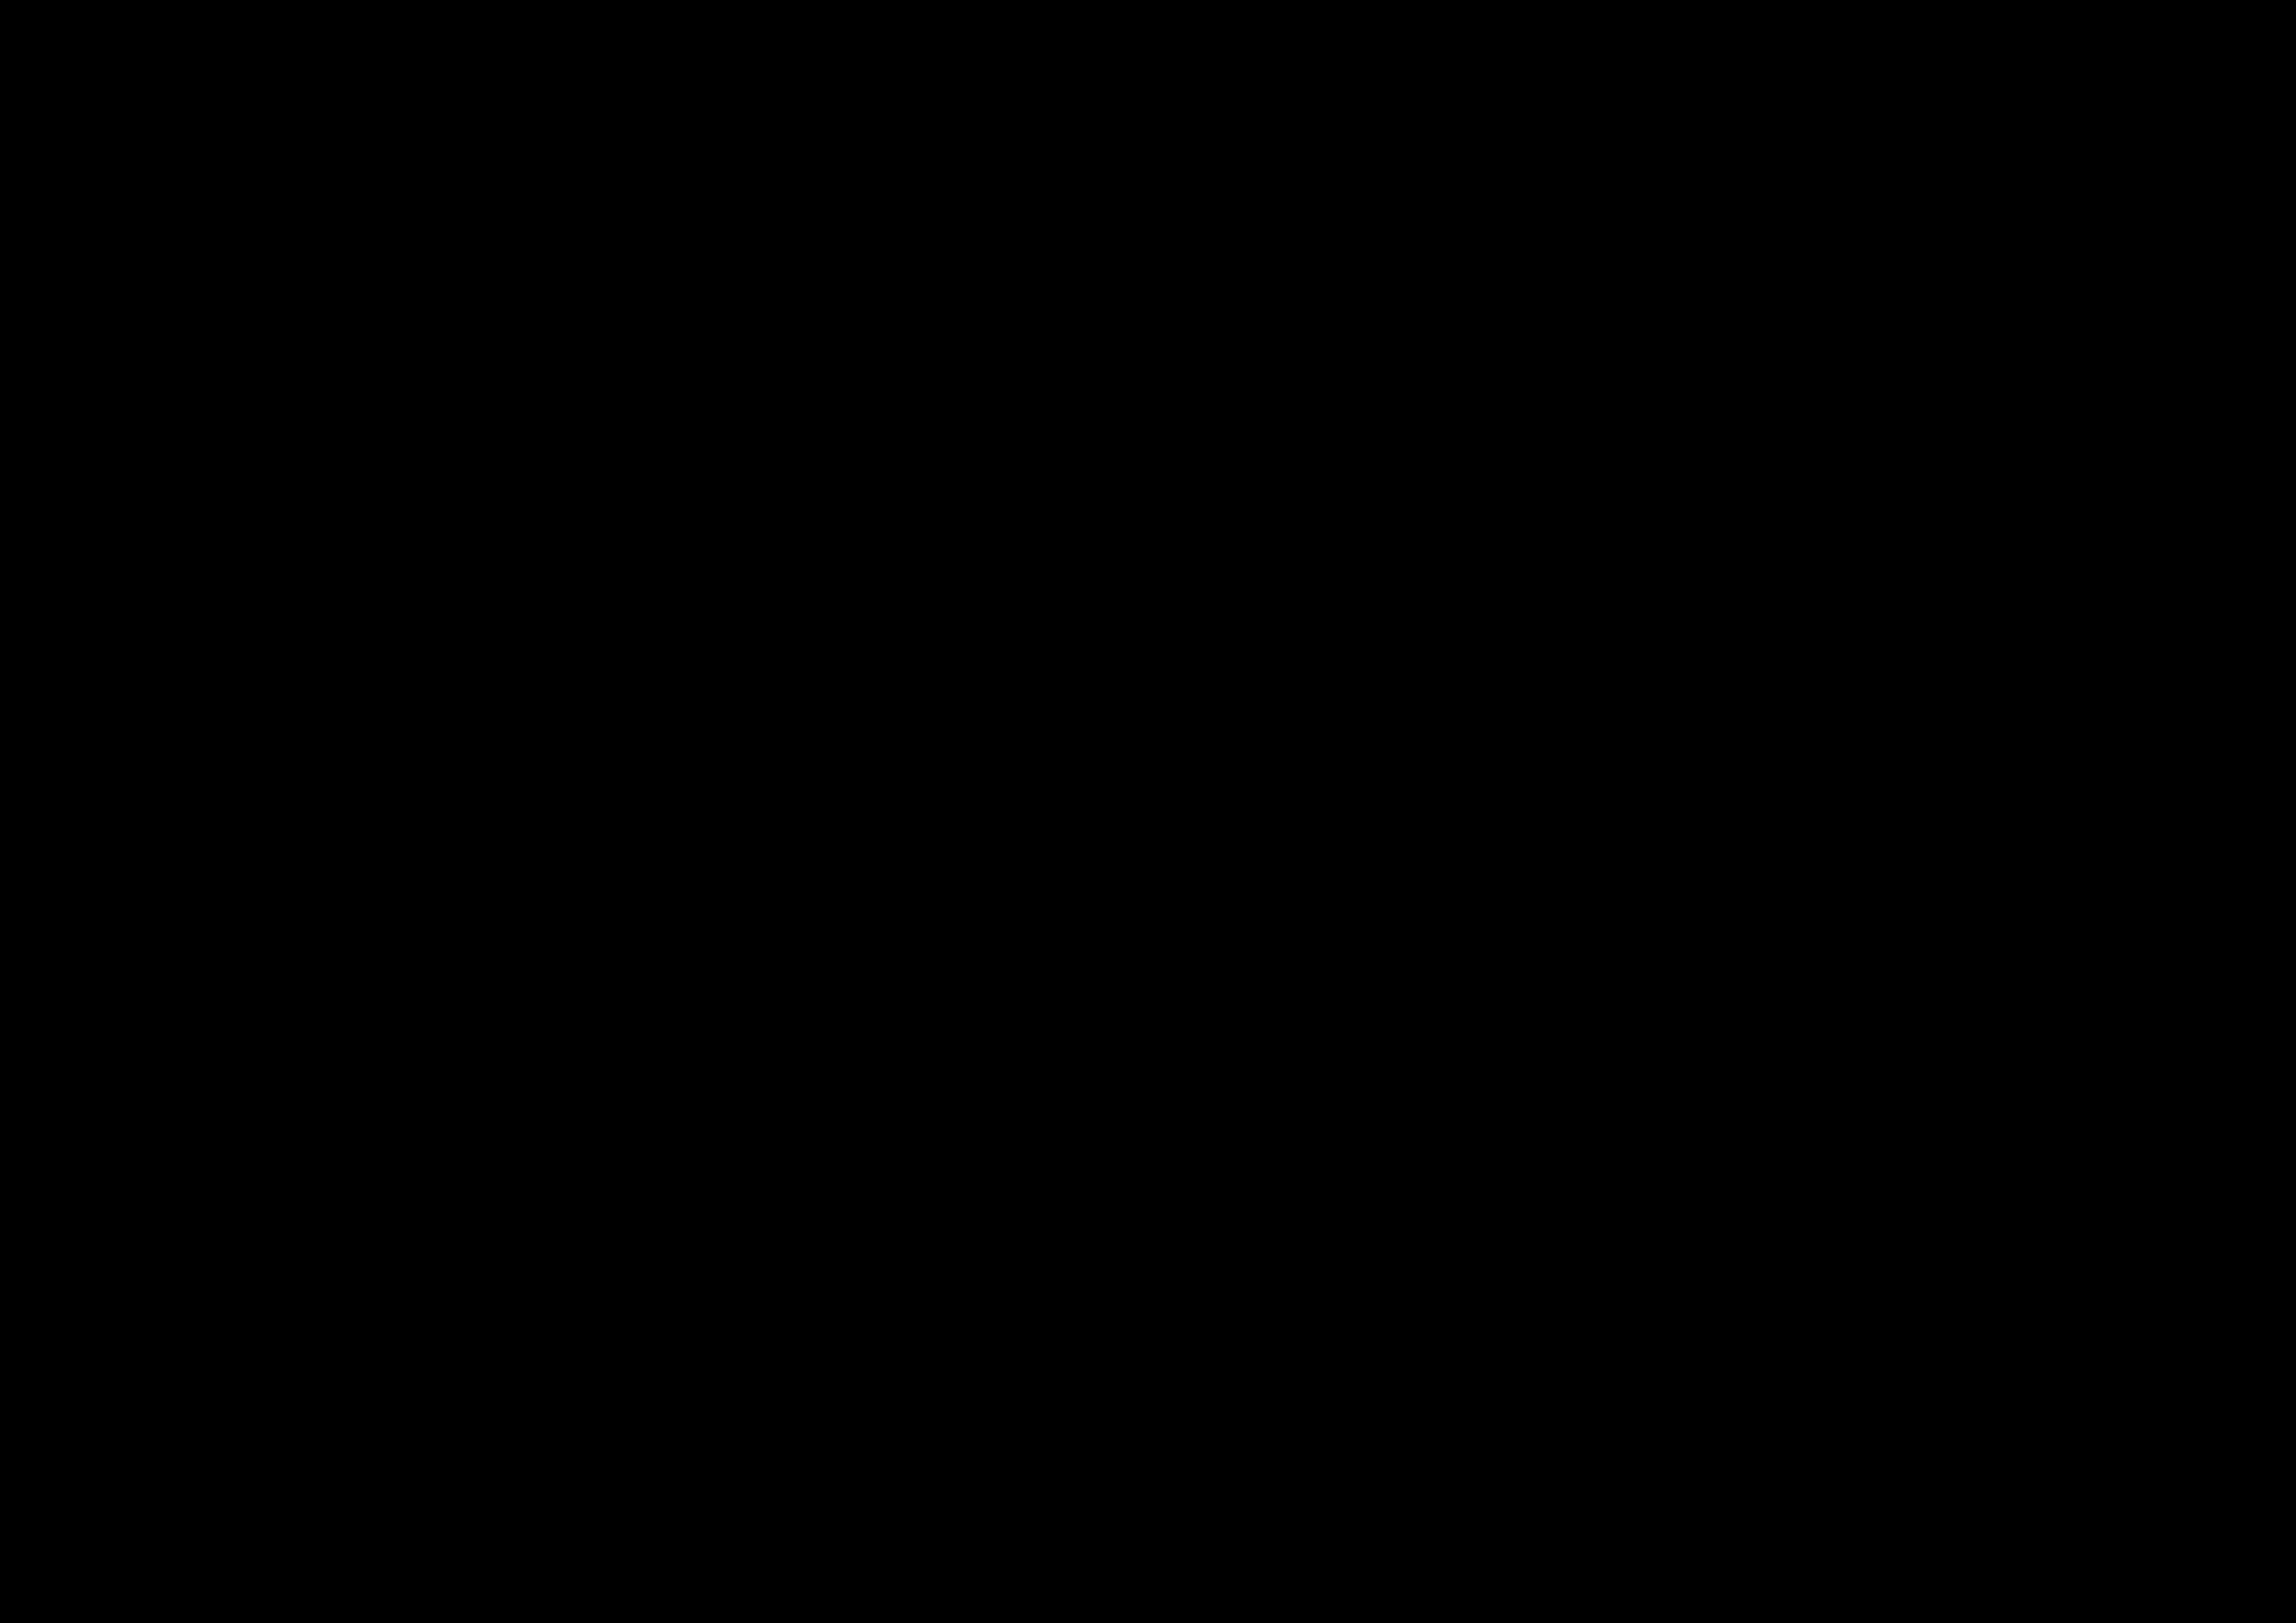 Det-gör-ont-illustration-maja-larsson